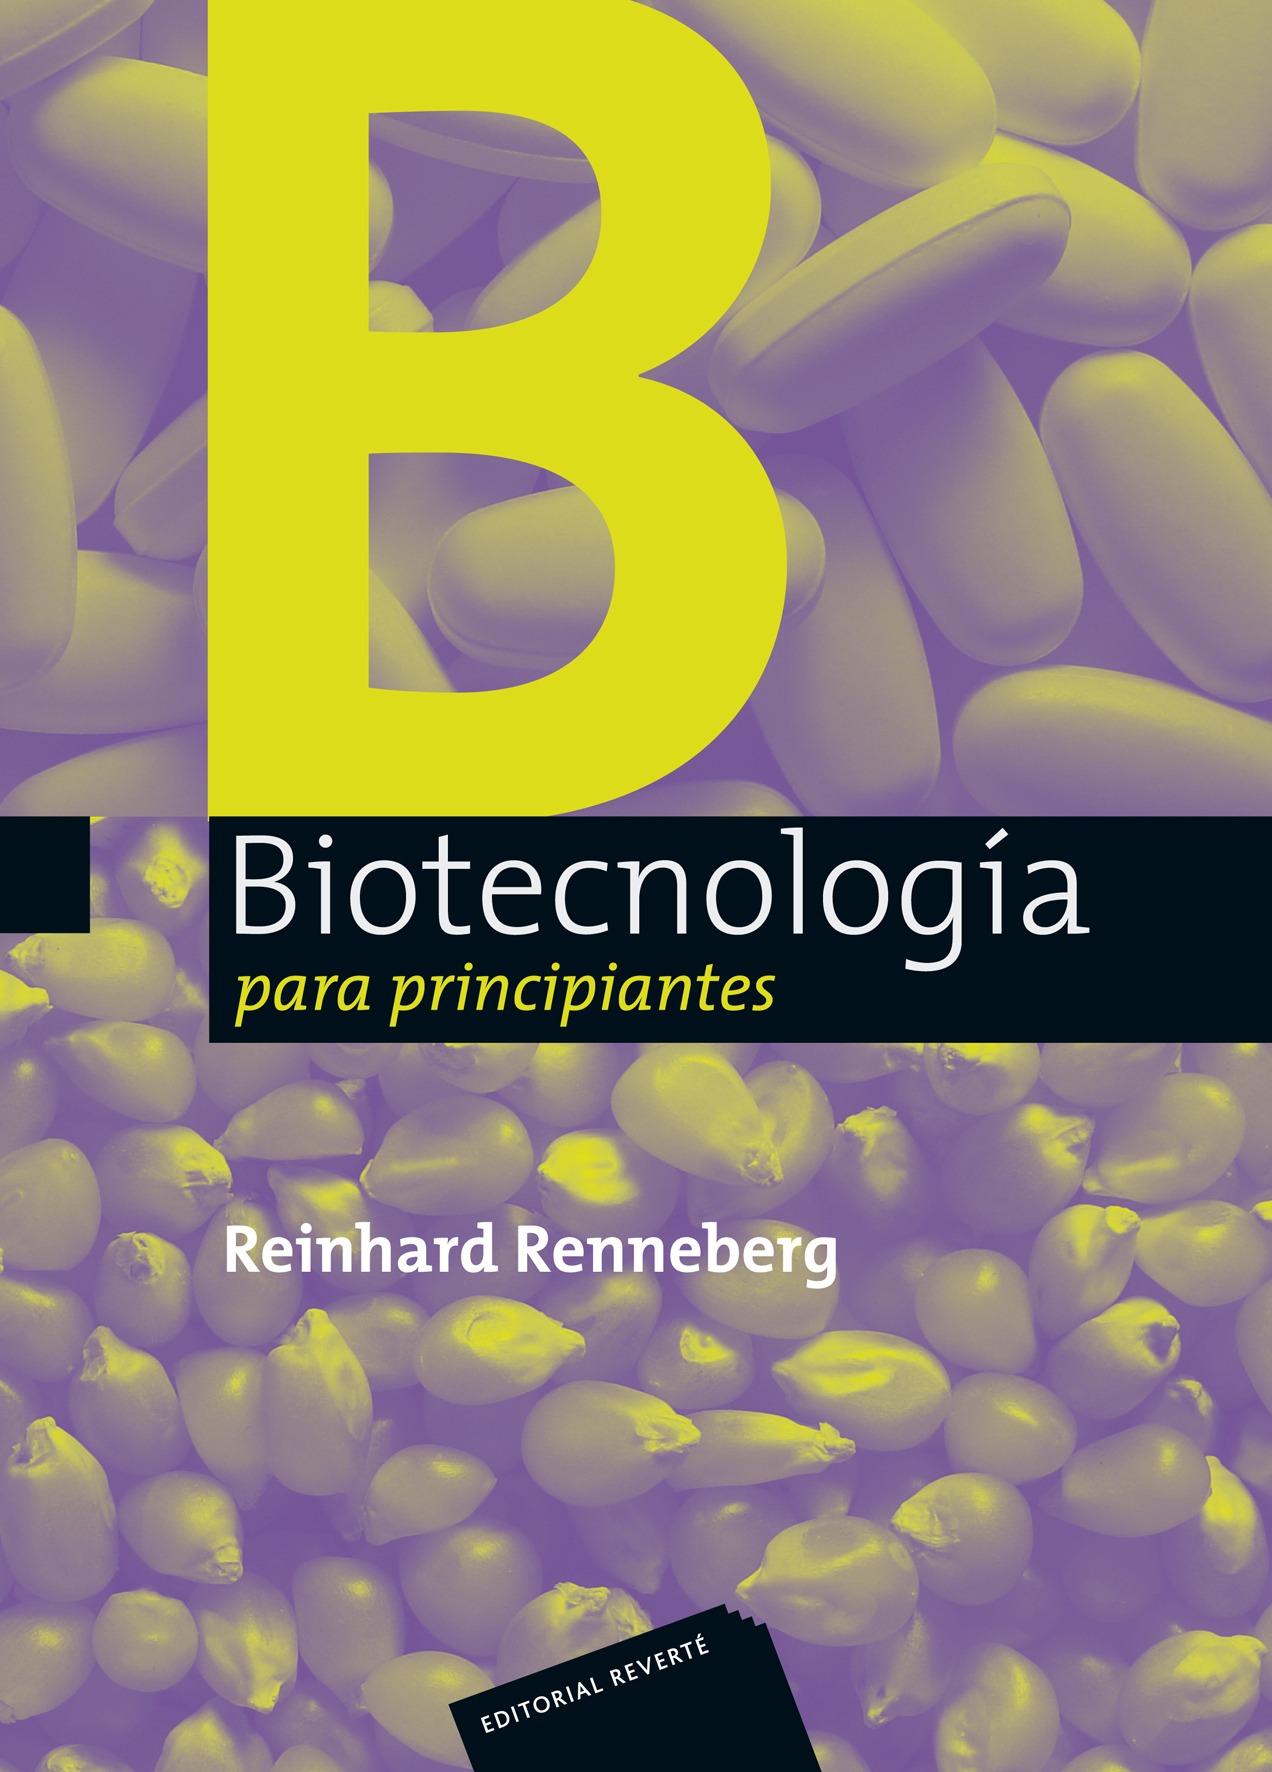 Biotecnologia Para Principiantes - Renneberg Reinhard